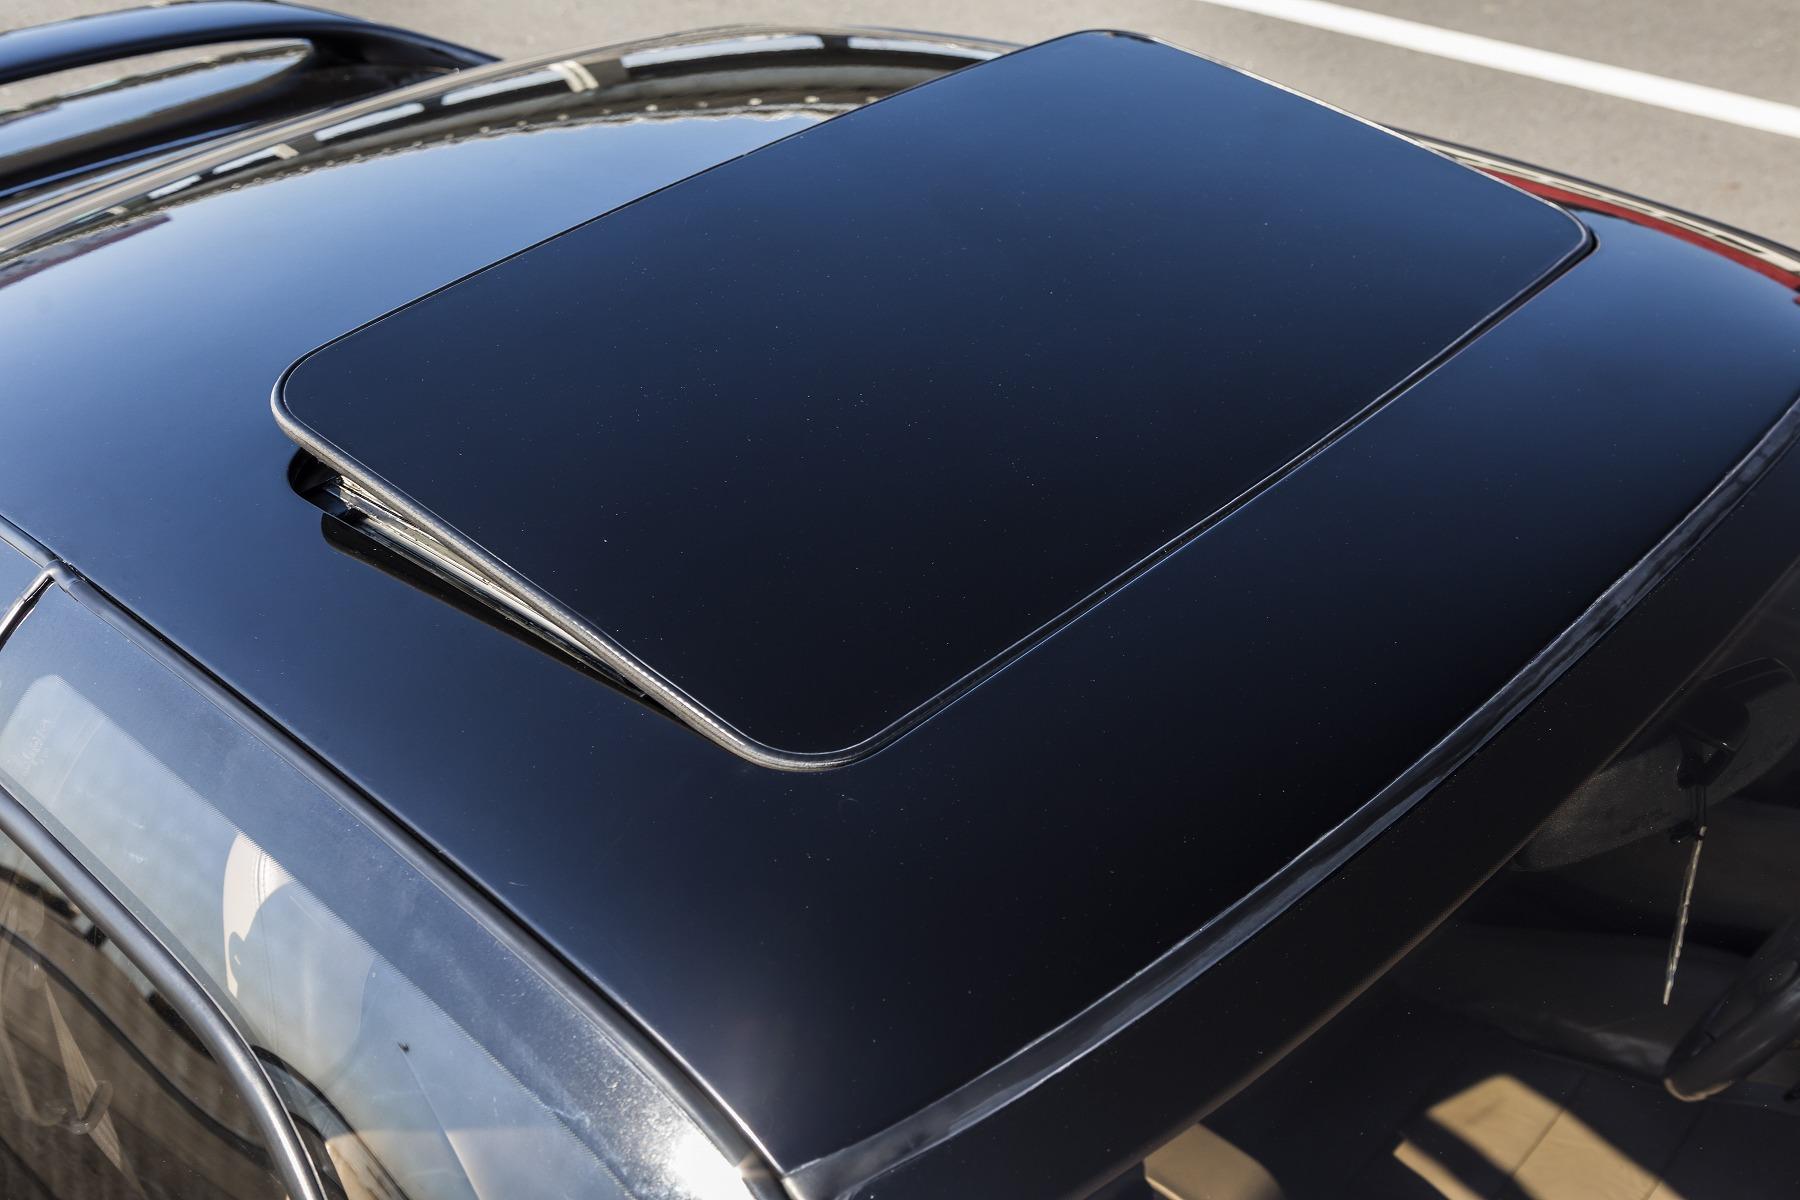 スバル SUBARU SVX 北米仕様 エアサス 製作 ボルトオンエアサスキット